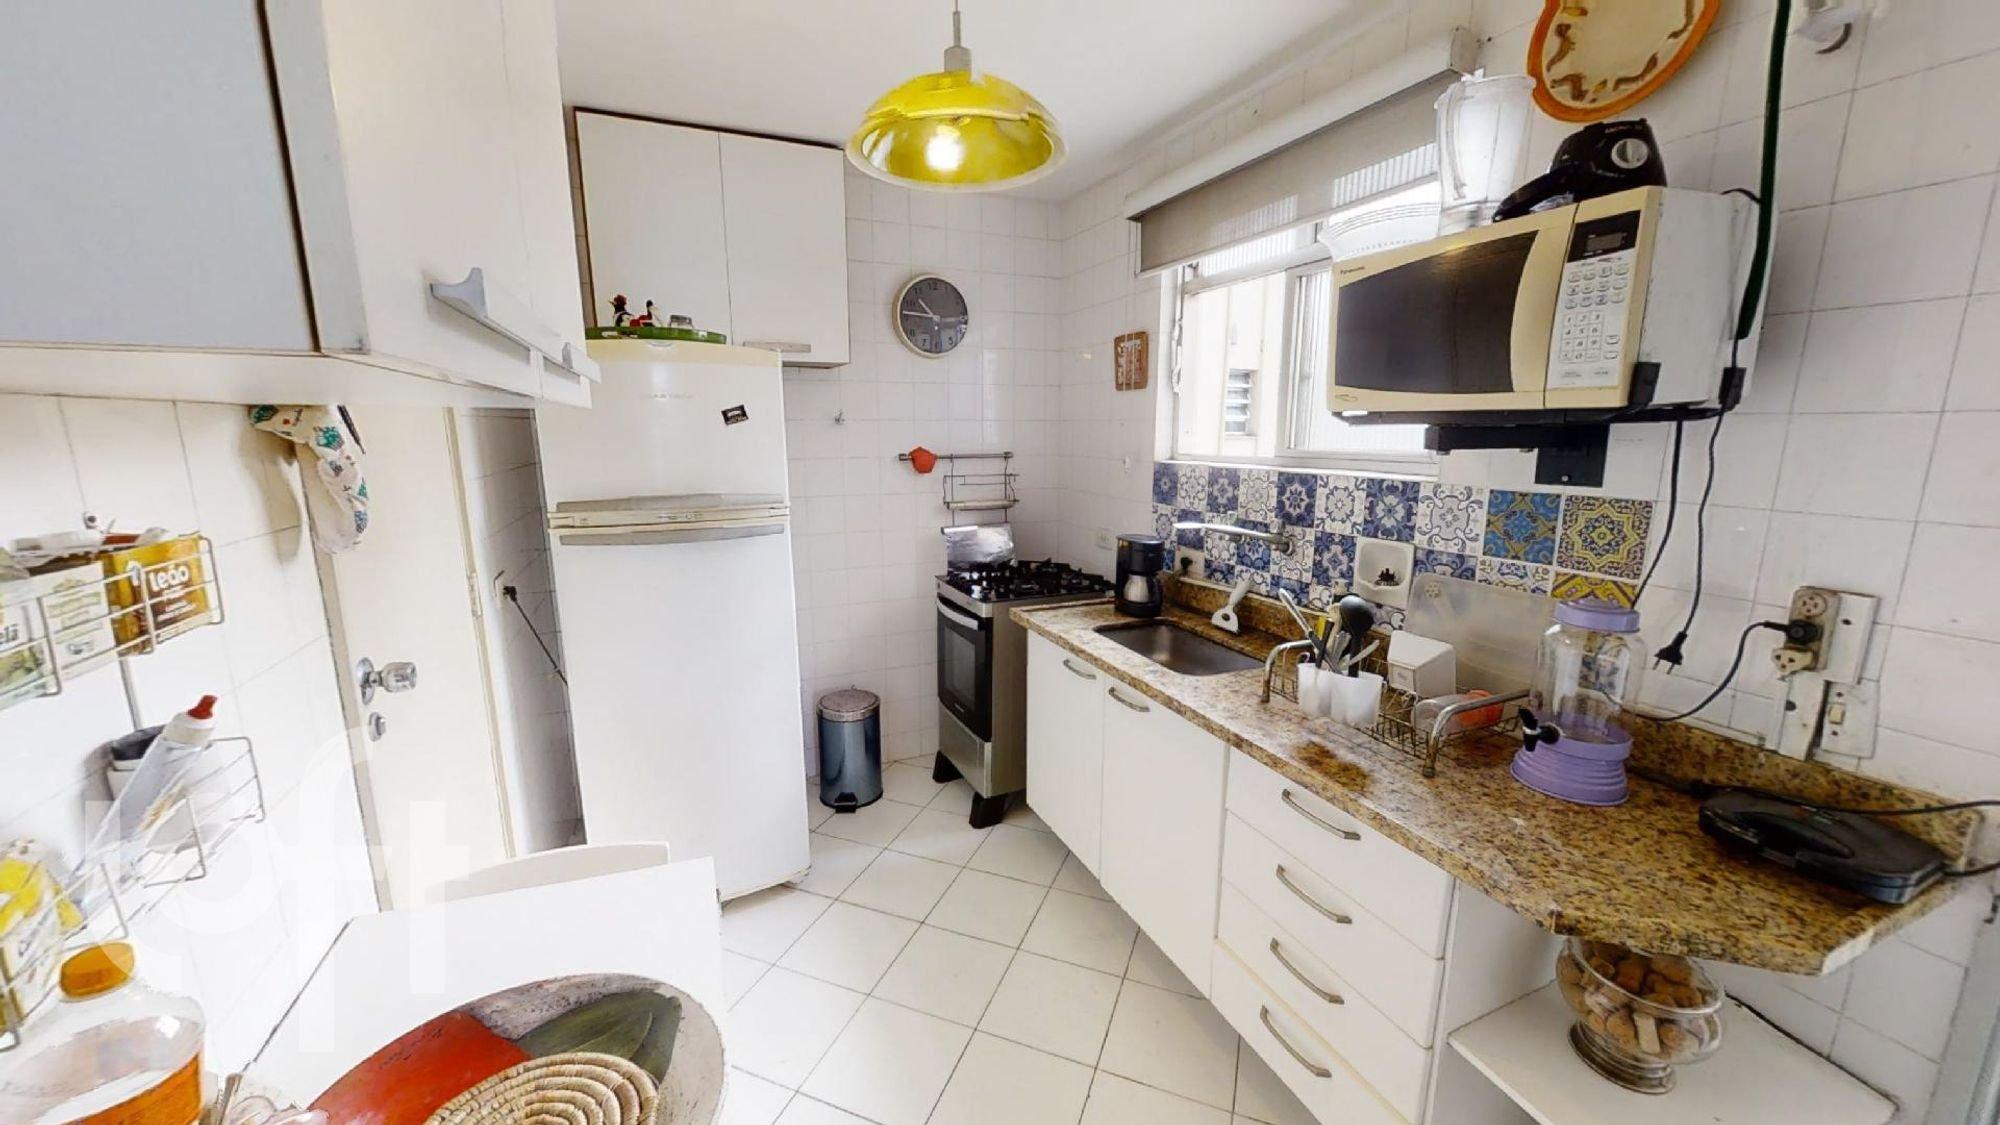 Foto de Cozinha com garrafa, relógio, forno, geladeira, pia, microondas